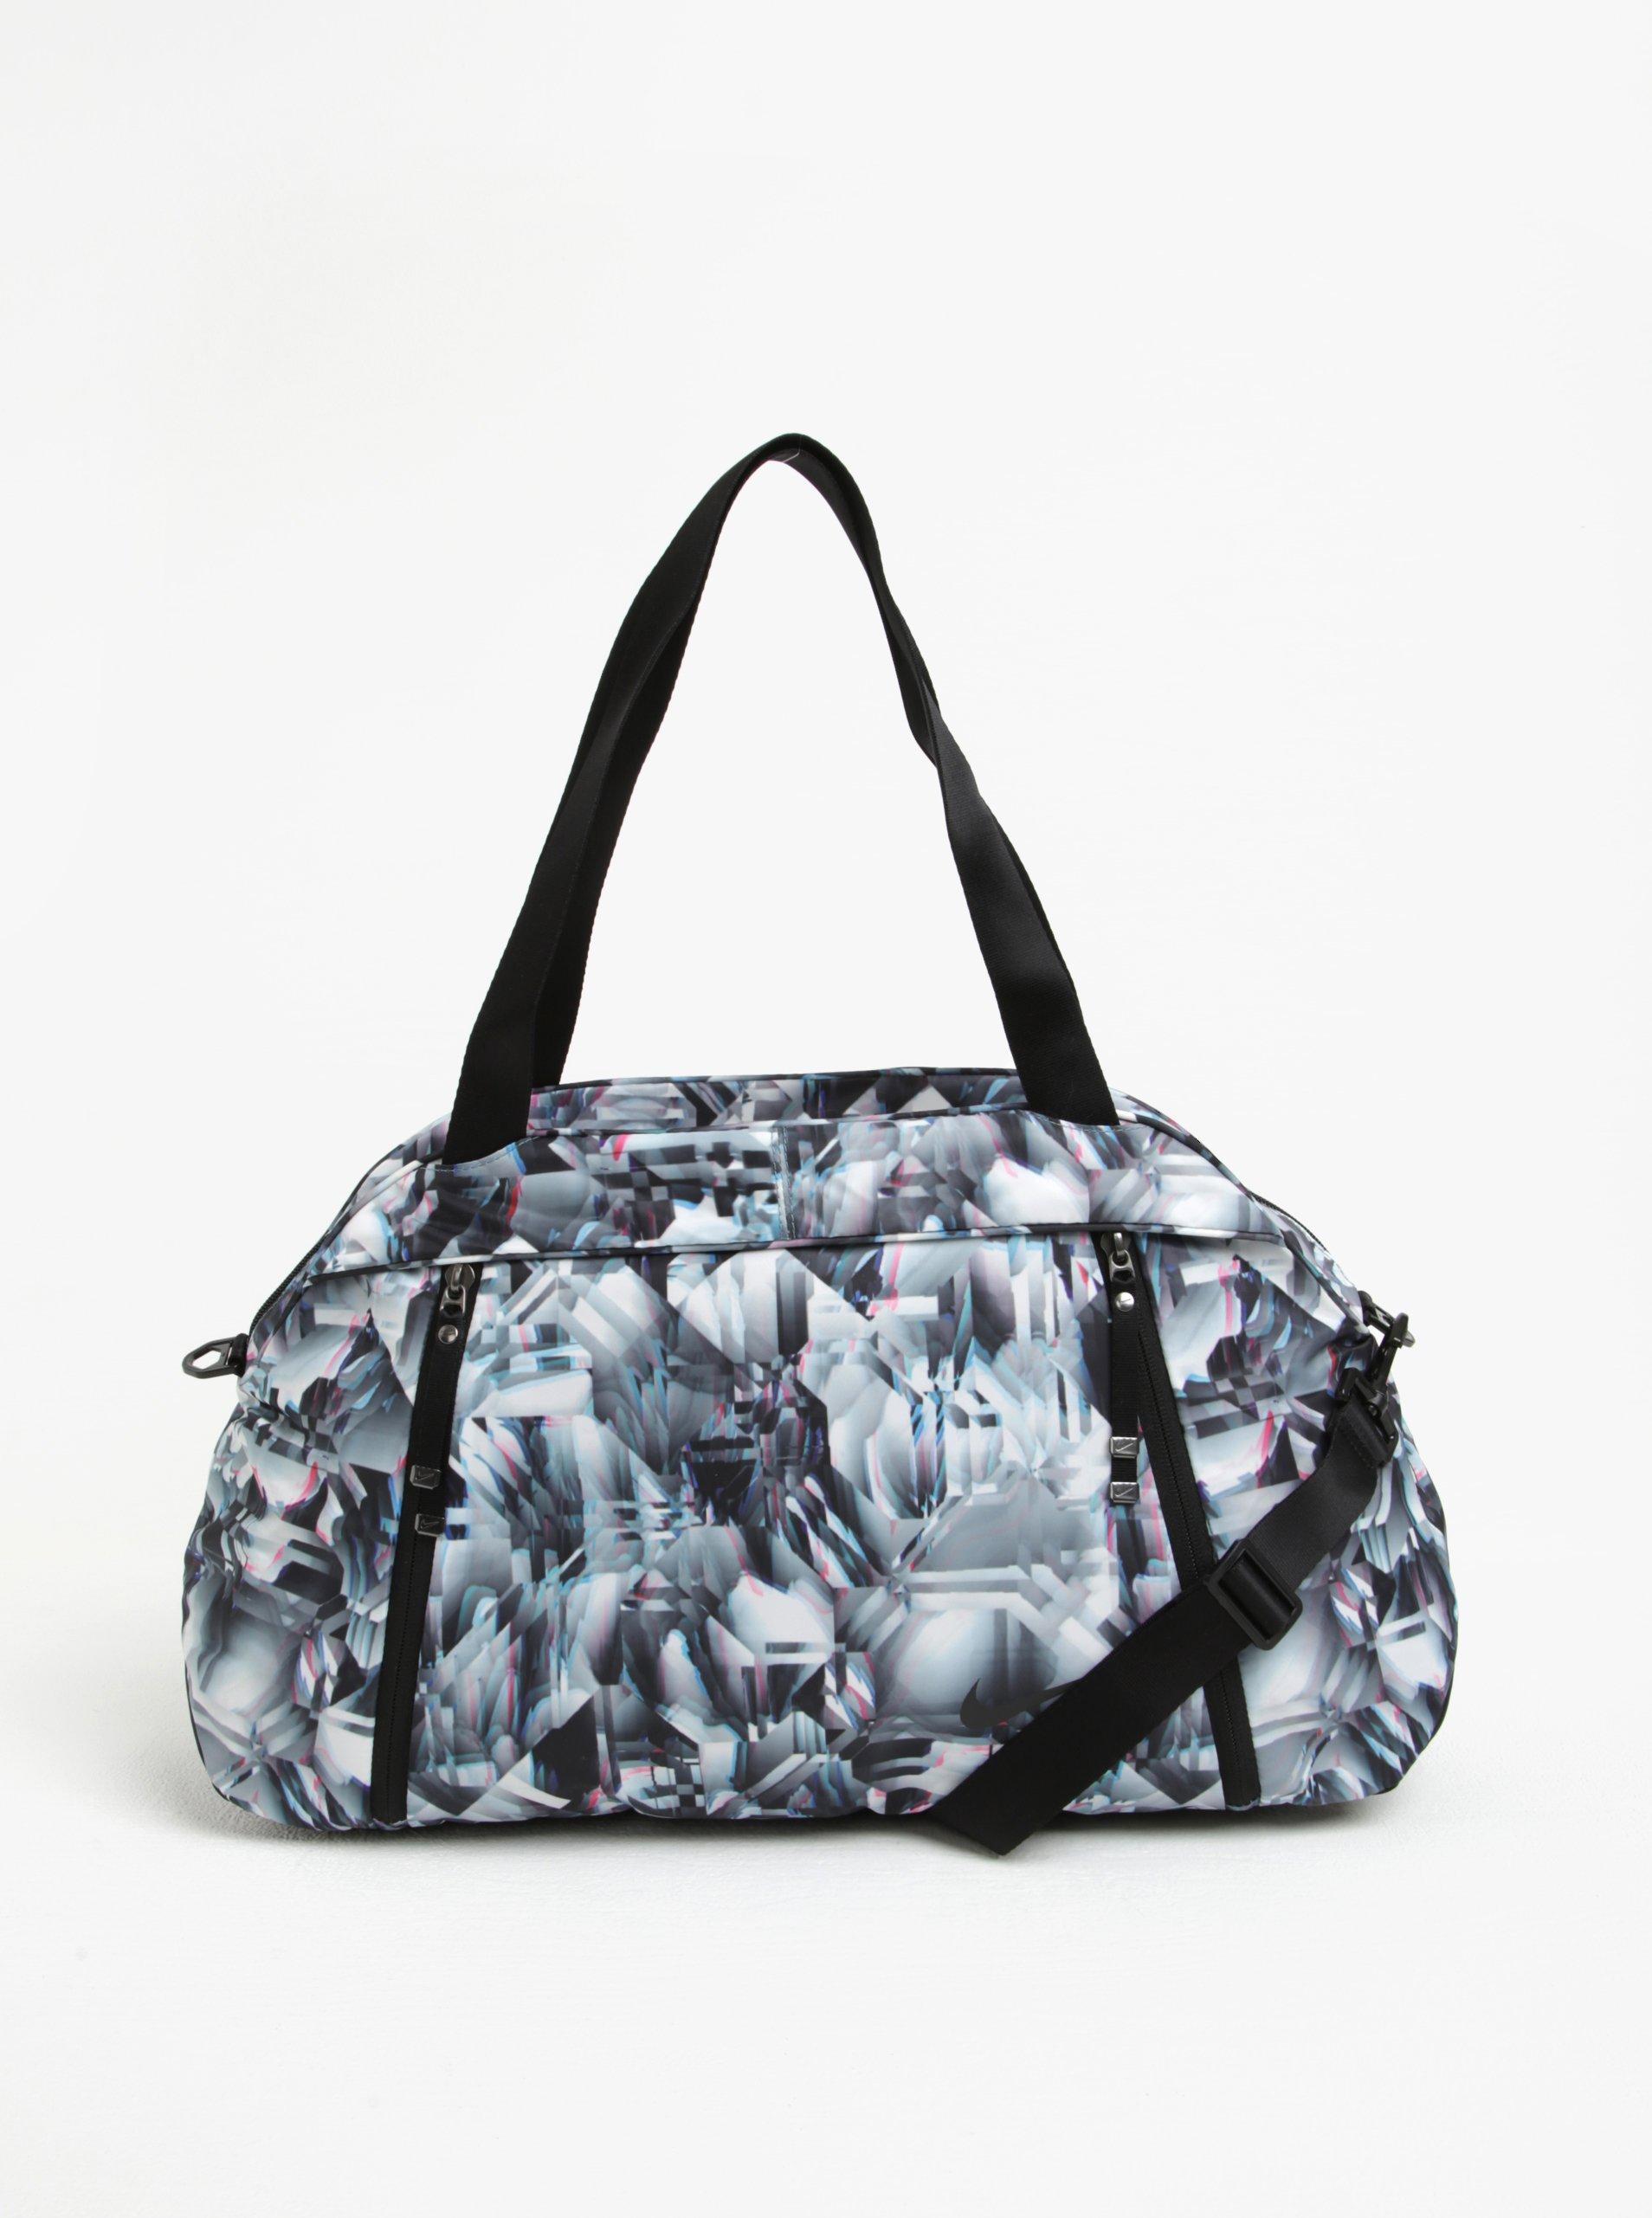 9b70cdf257768 Čierno-biela dámska vzorovaná športová taška Nike 23 l   Moda.sk